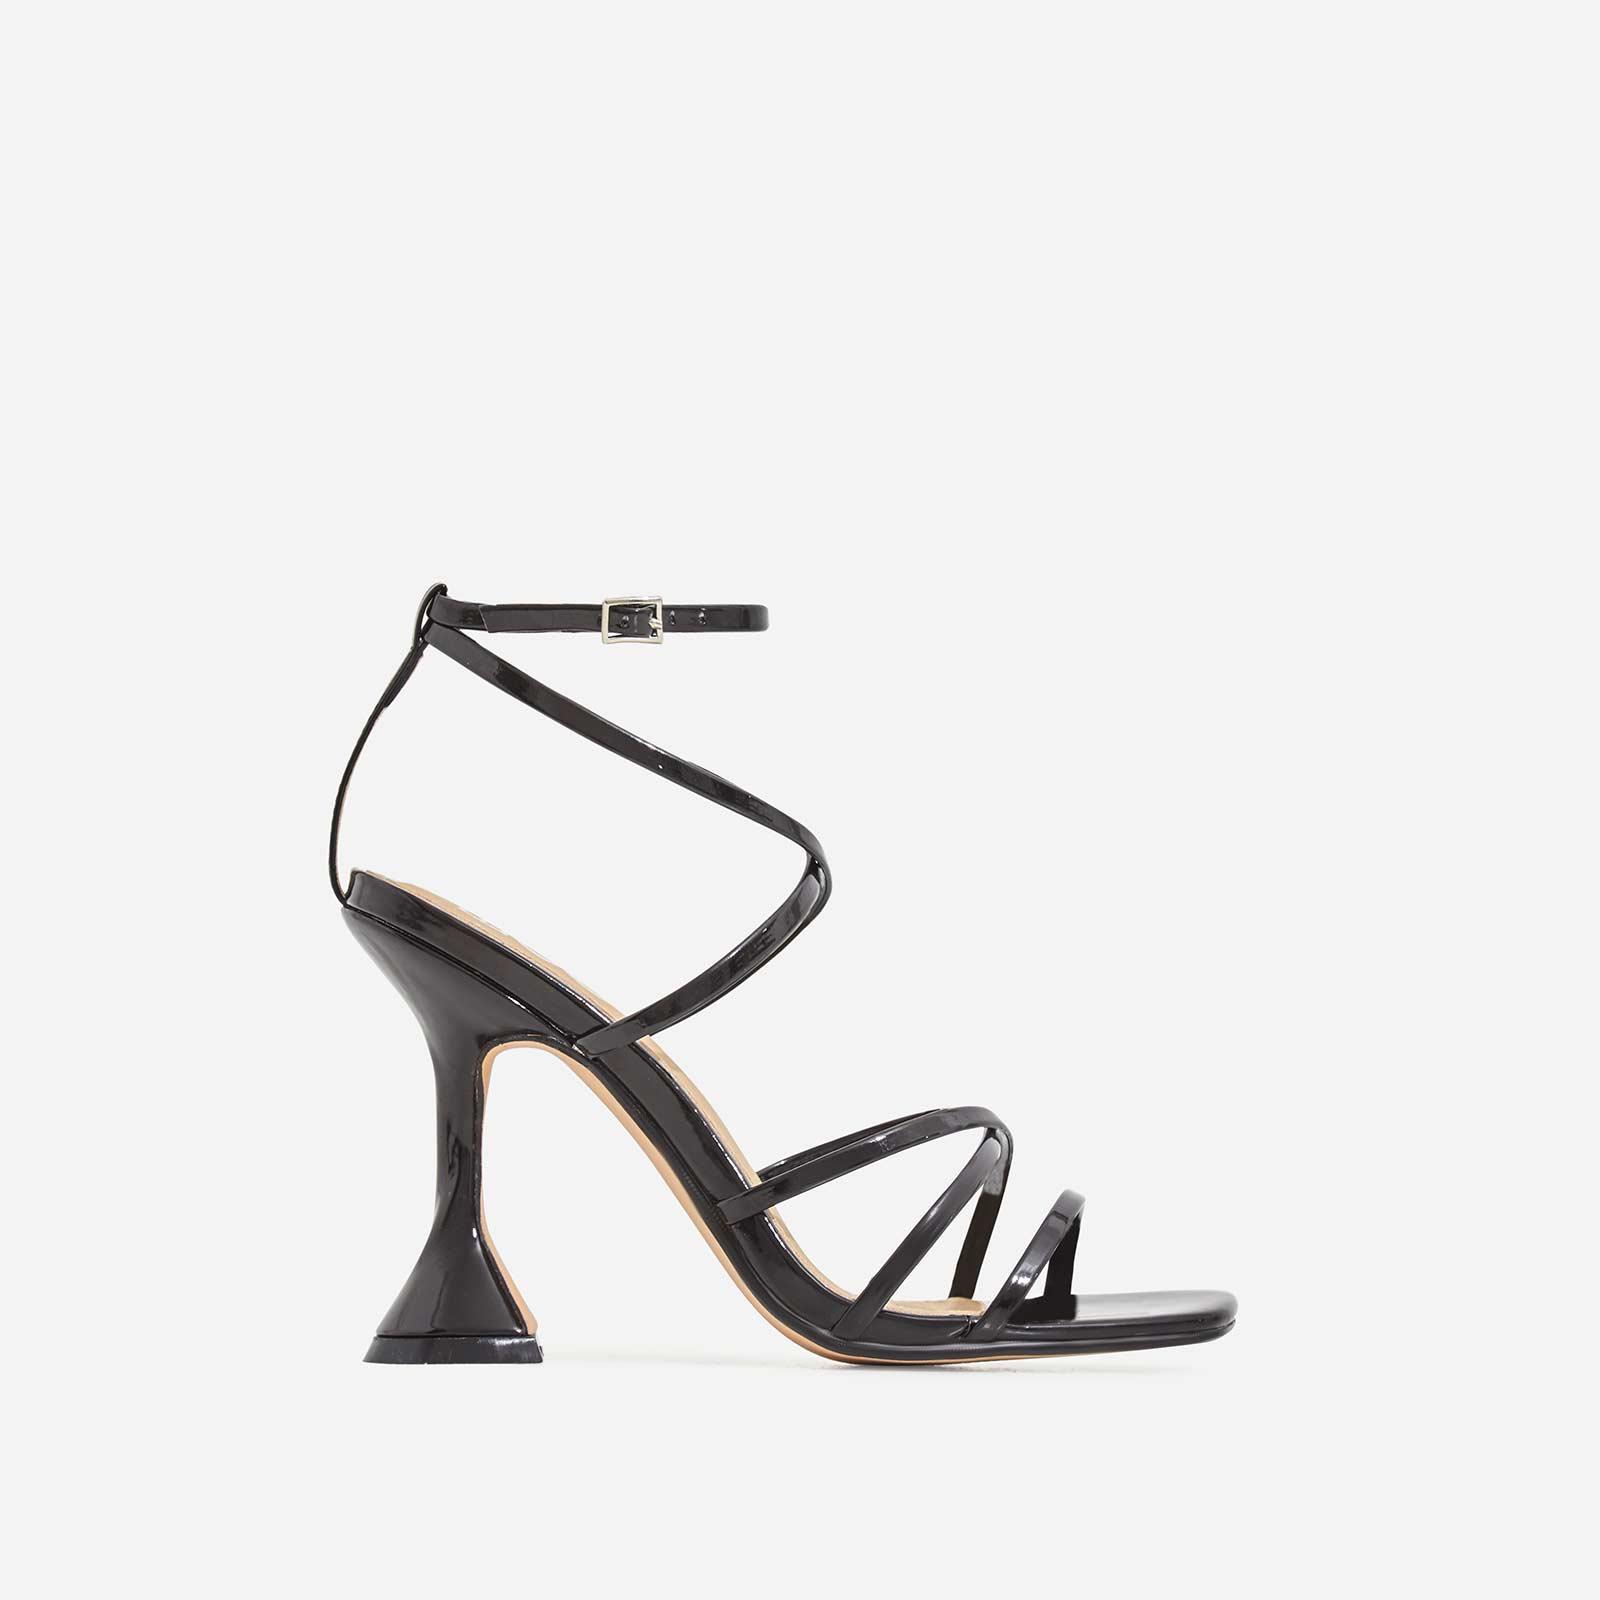 Richie Square Toe Heel In Black Patent